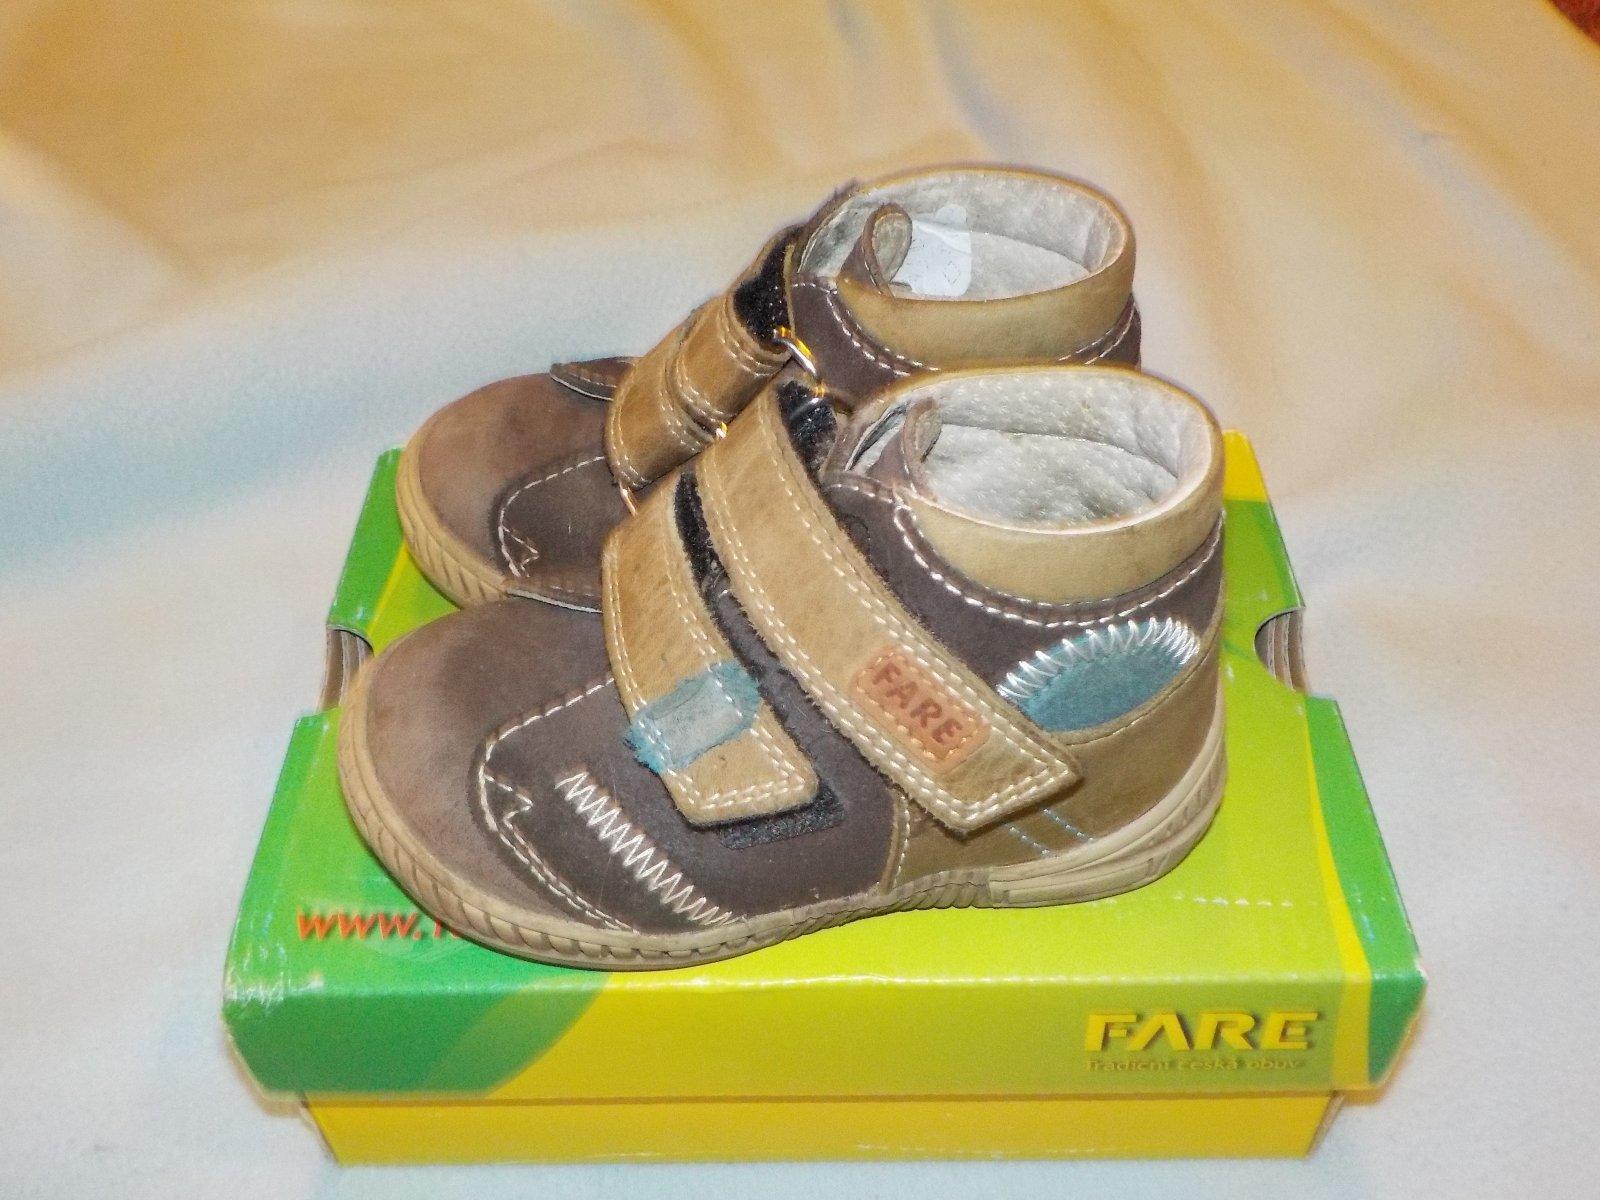 7dd298d3bc1 172 inzerátů • 16 hodnocení. Dětská celoroční obuv fare ...